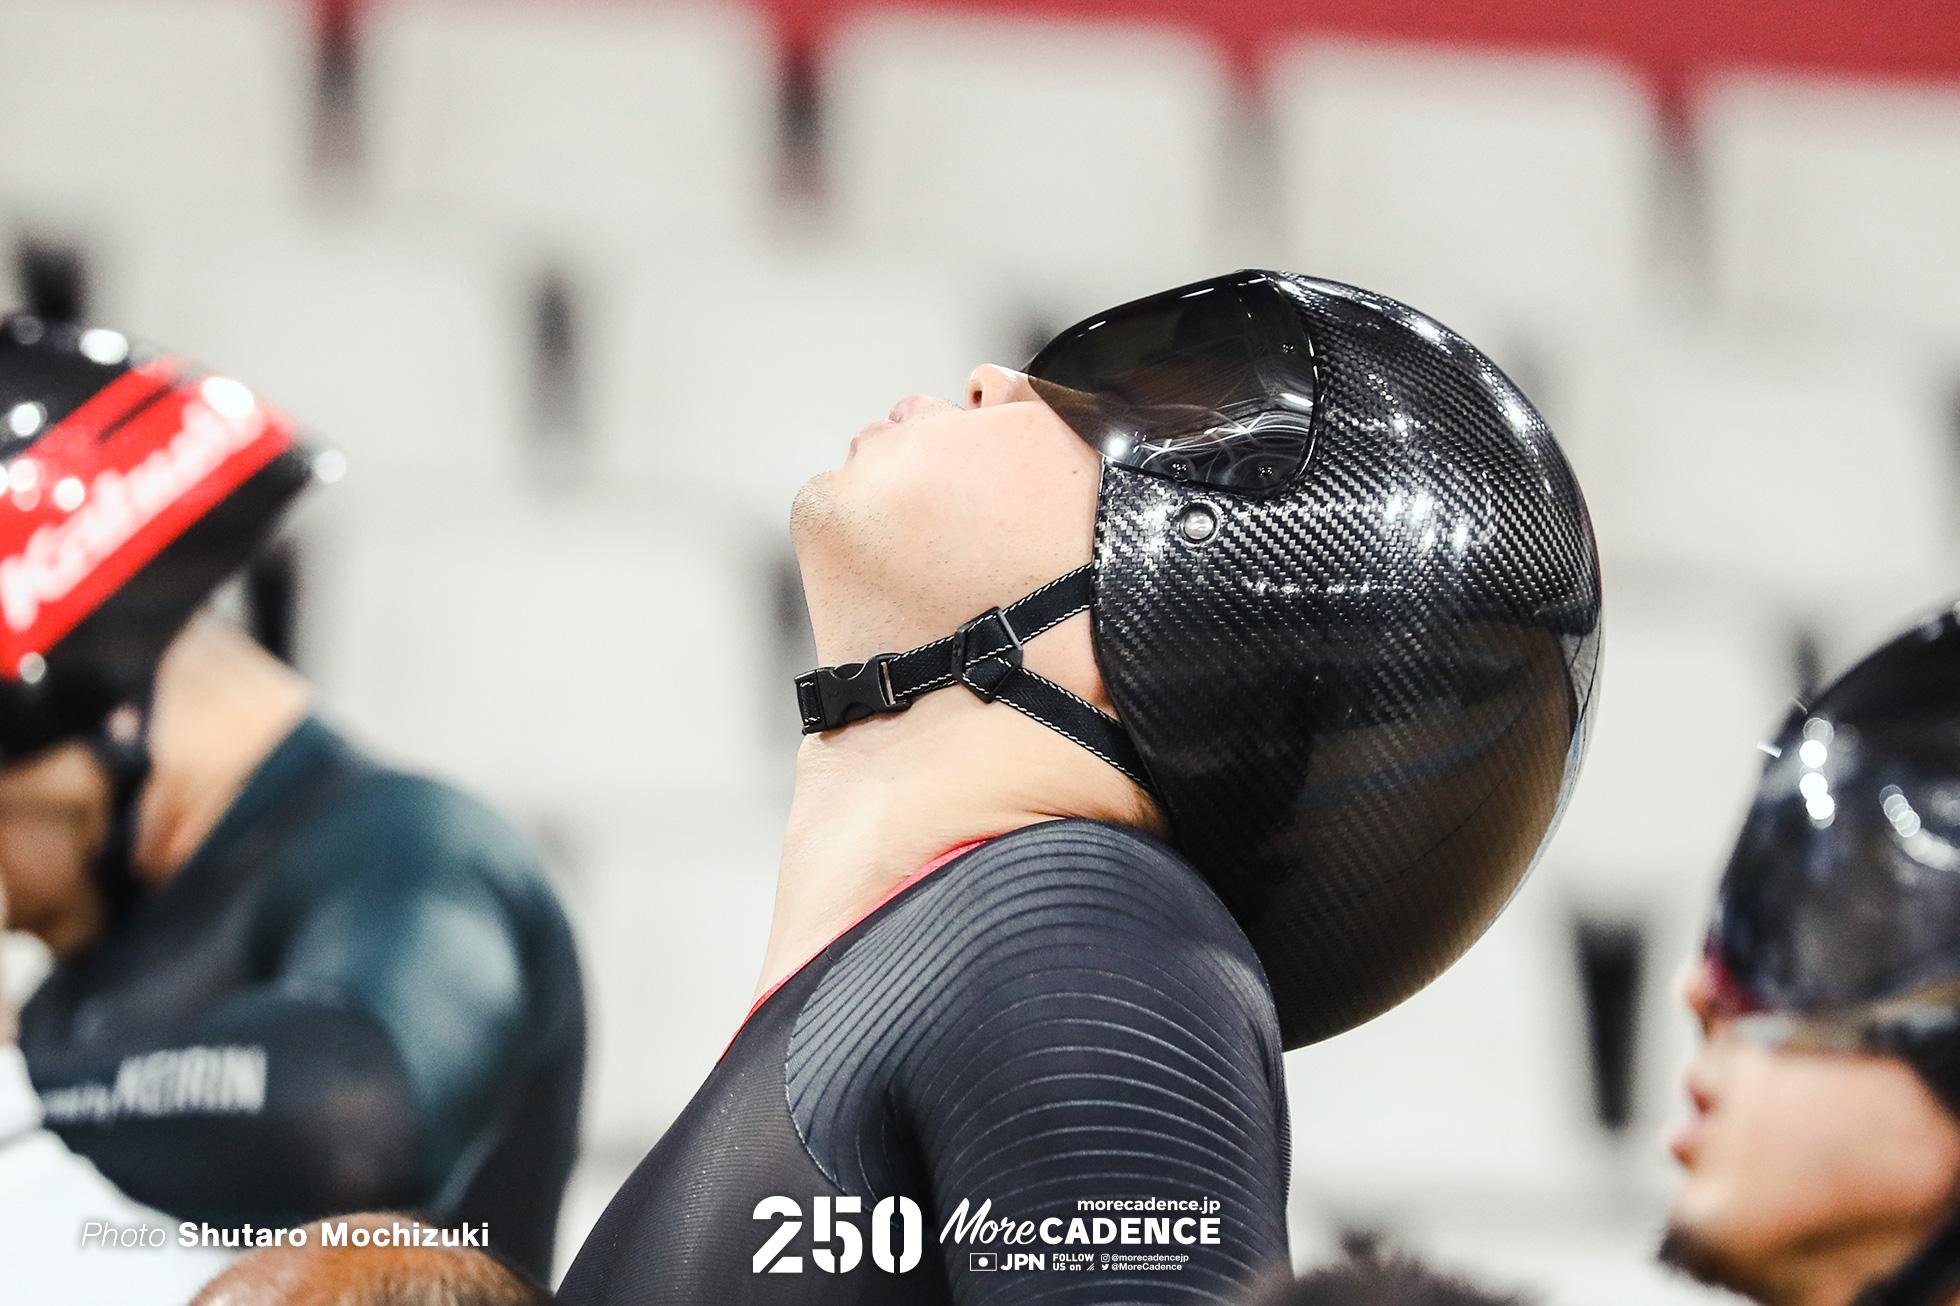 男子ケイリン1回戦, オリンピックシュミレーション